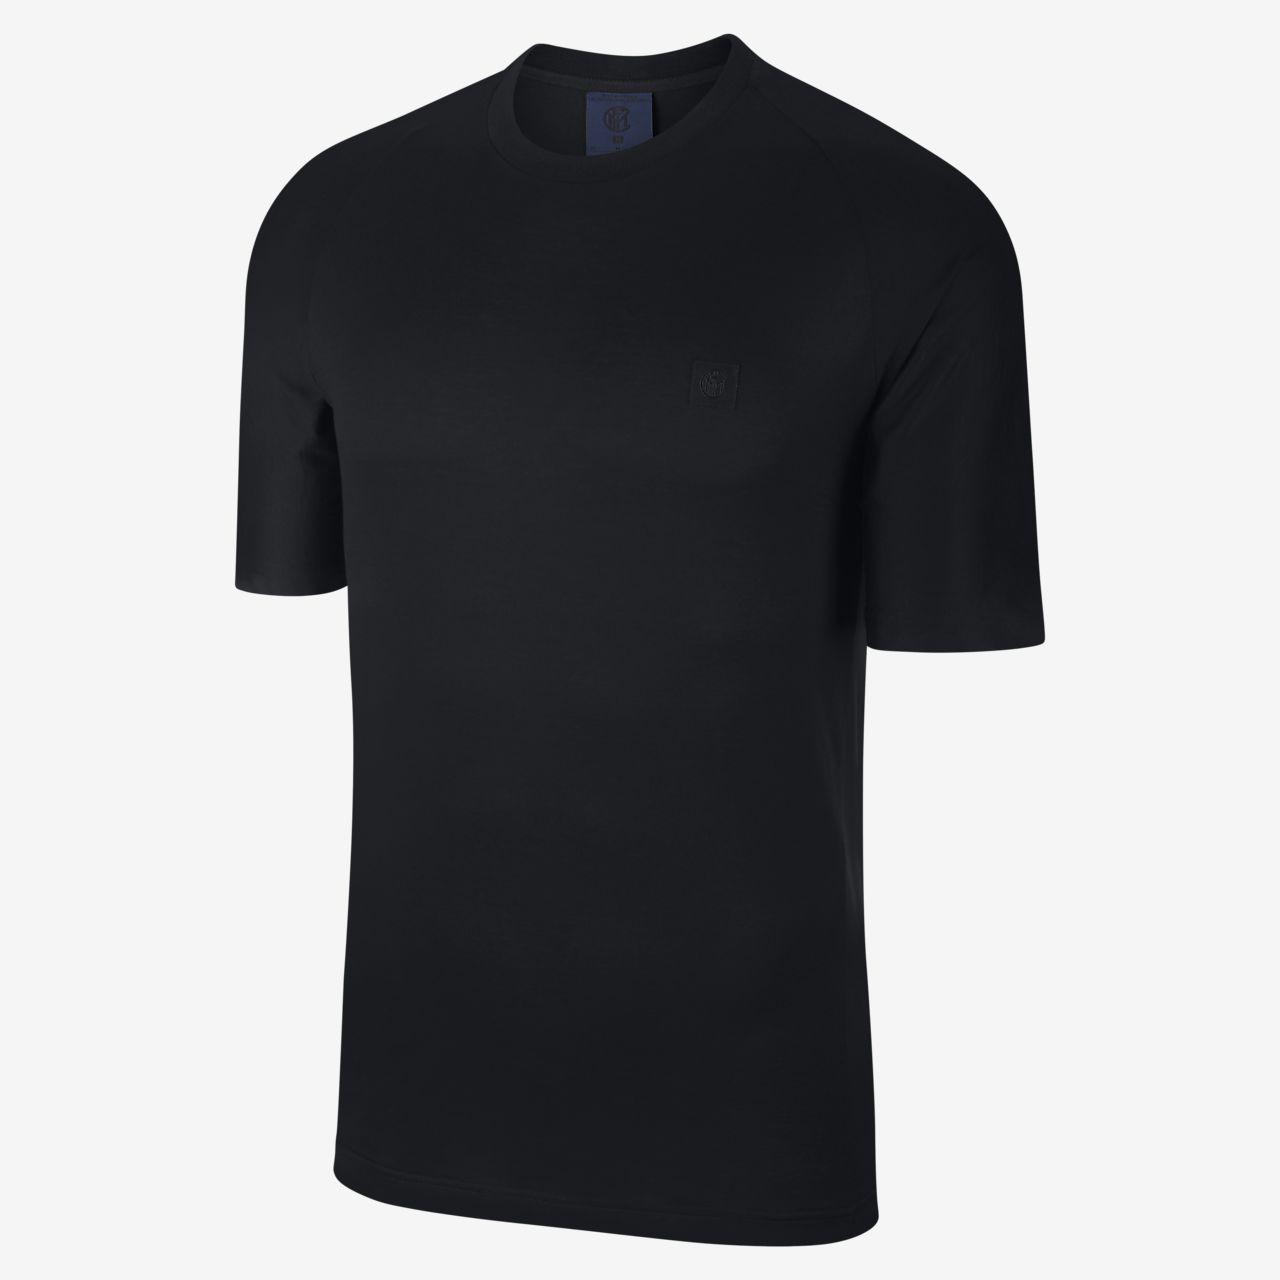 Inter Milan Made In Italy Camiseta de manga corta - Hombre